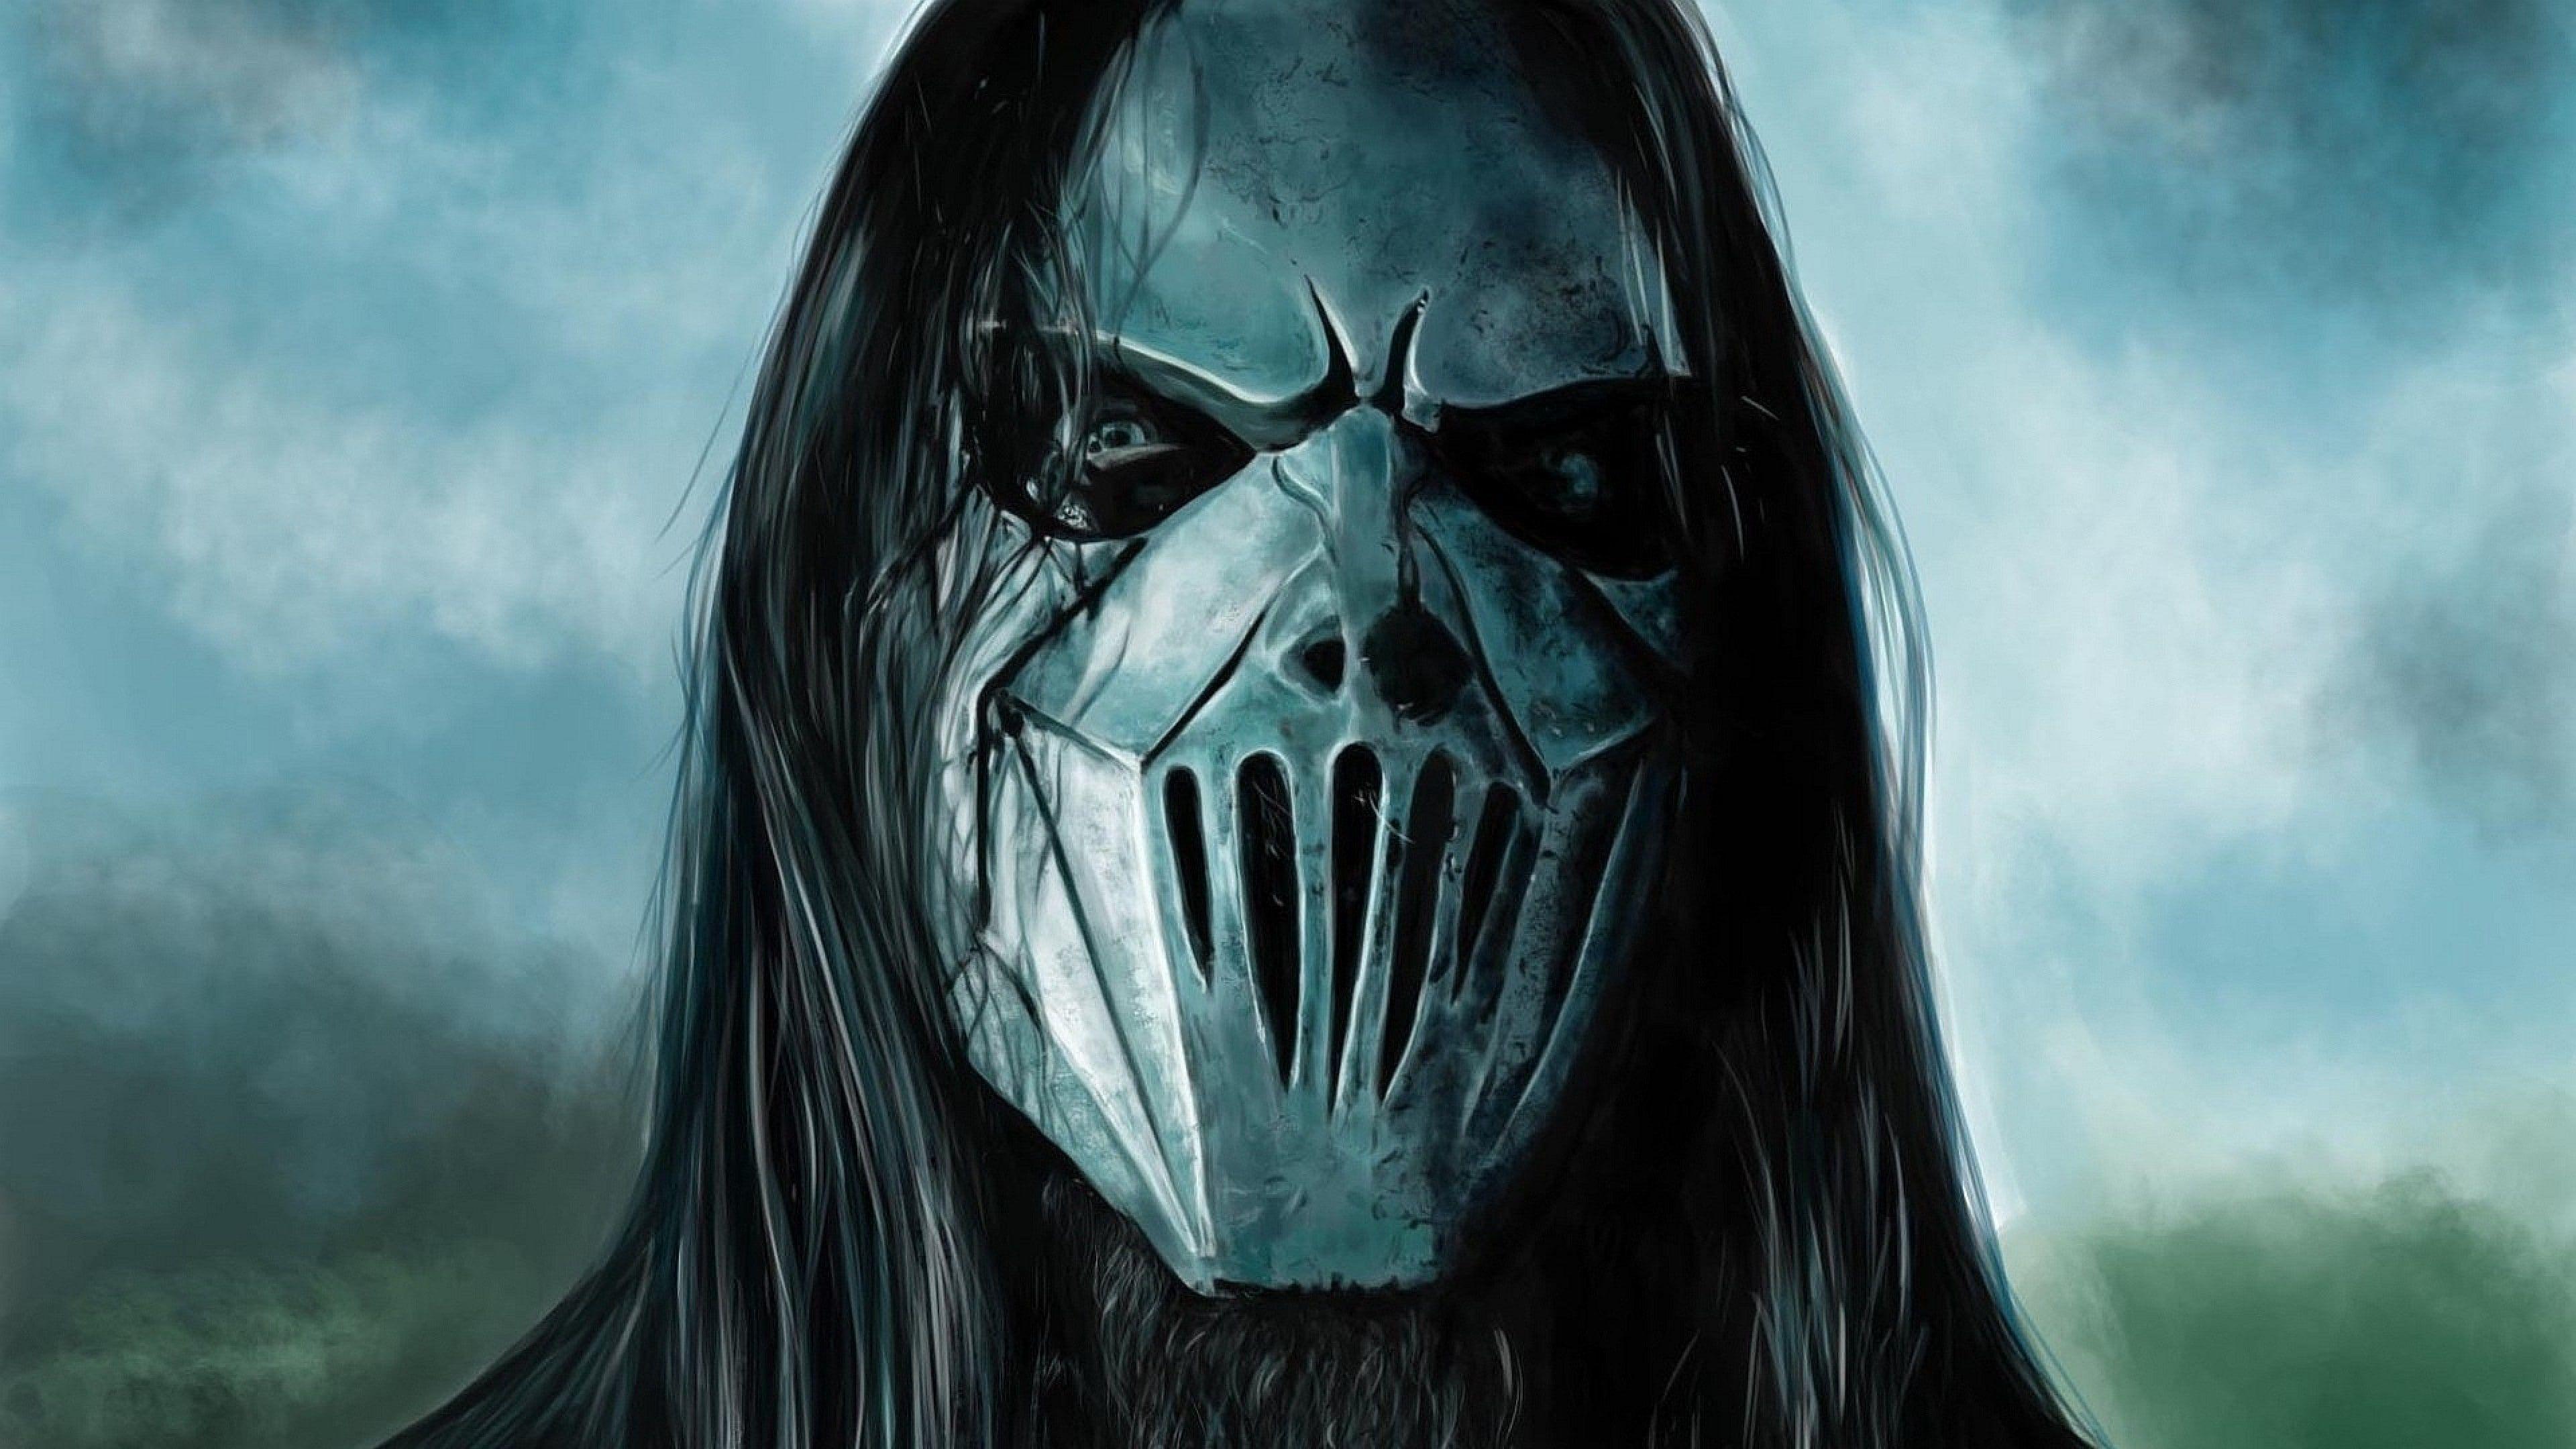 Slipknot 4K Wallpapers - Top Free Slipknot 4K Backgrounds ...